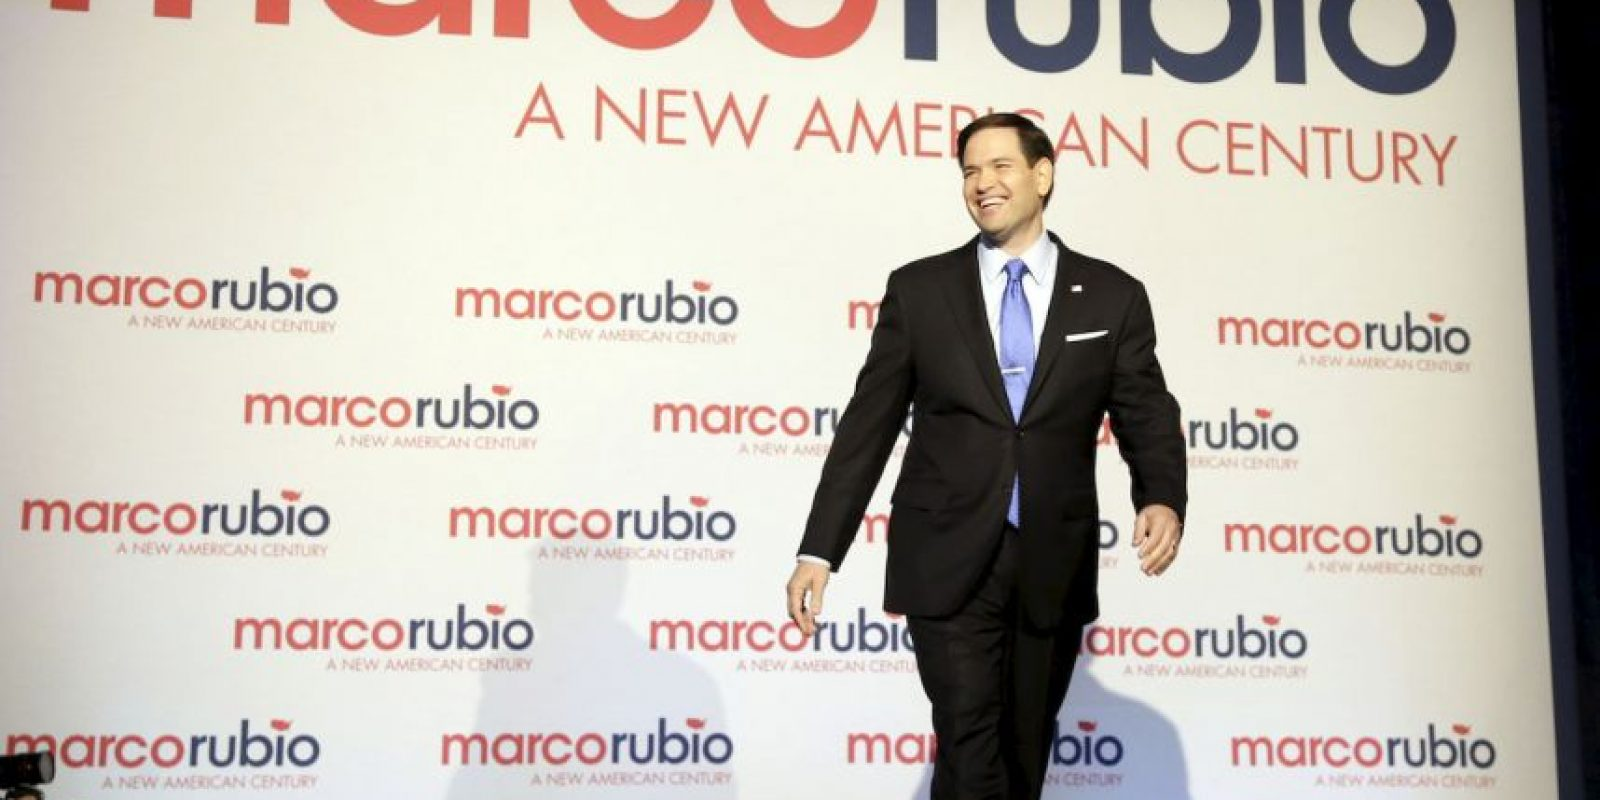 Aunque el día de su anuncio contó con el apoyo de muchos cubanos, se ha indicado que le falta mucho para convencer a los latinos en Estados Unidos. Foto:AP